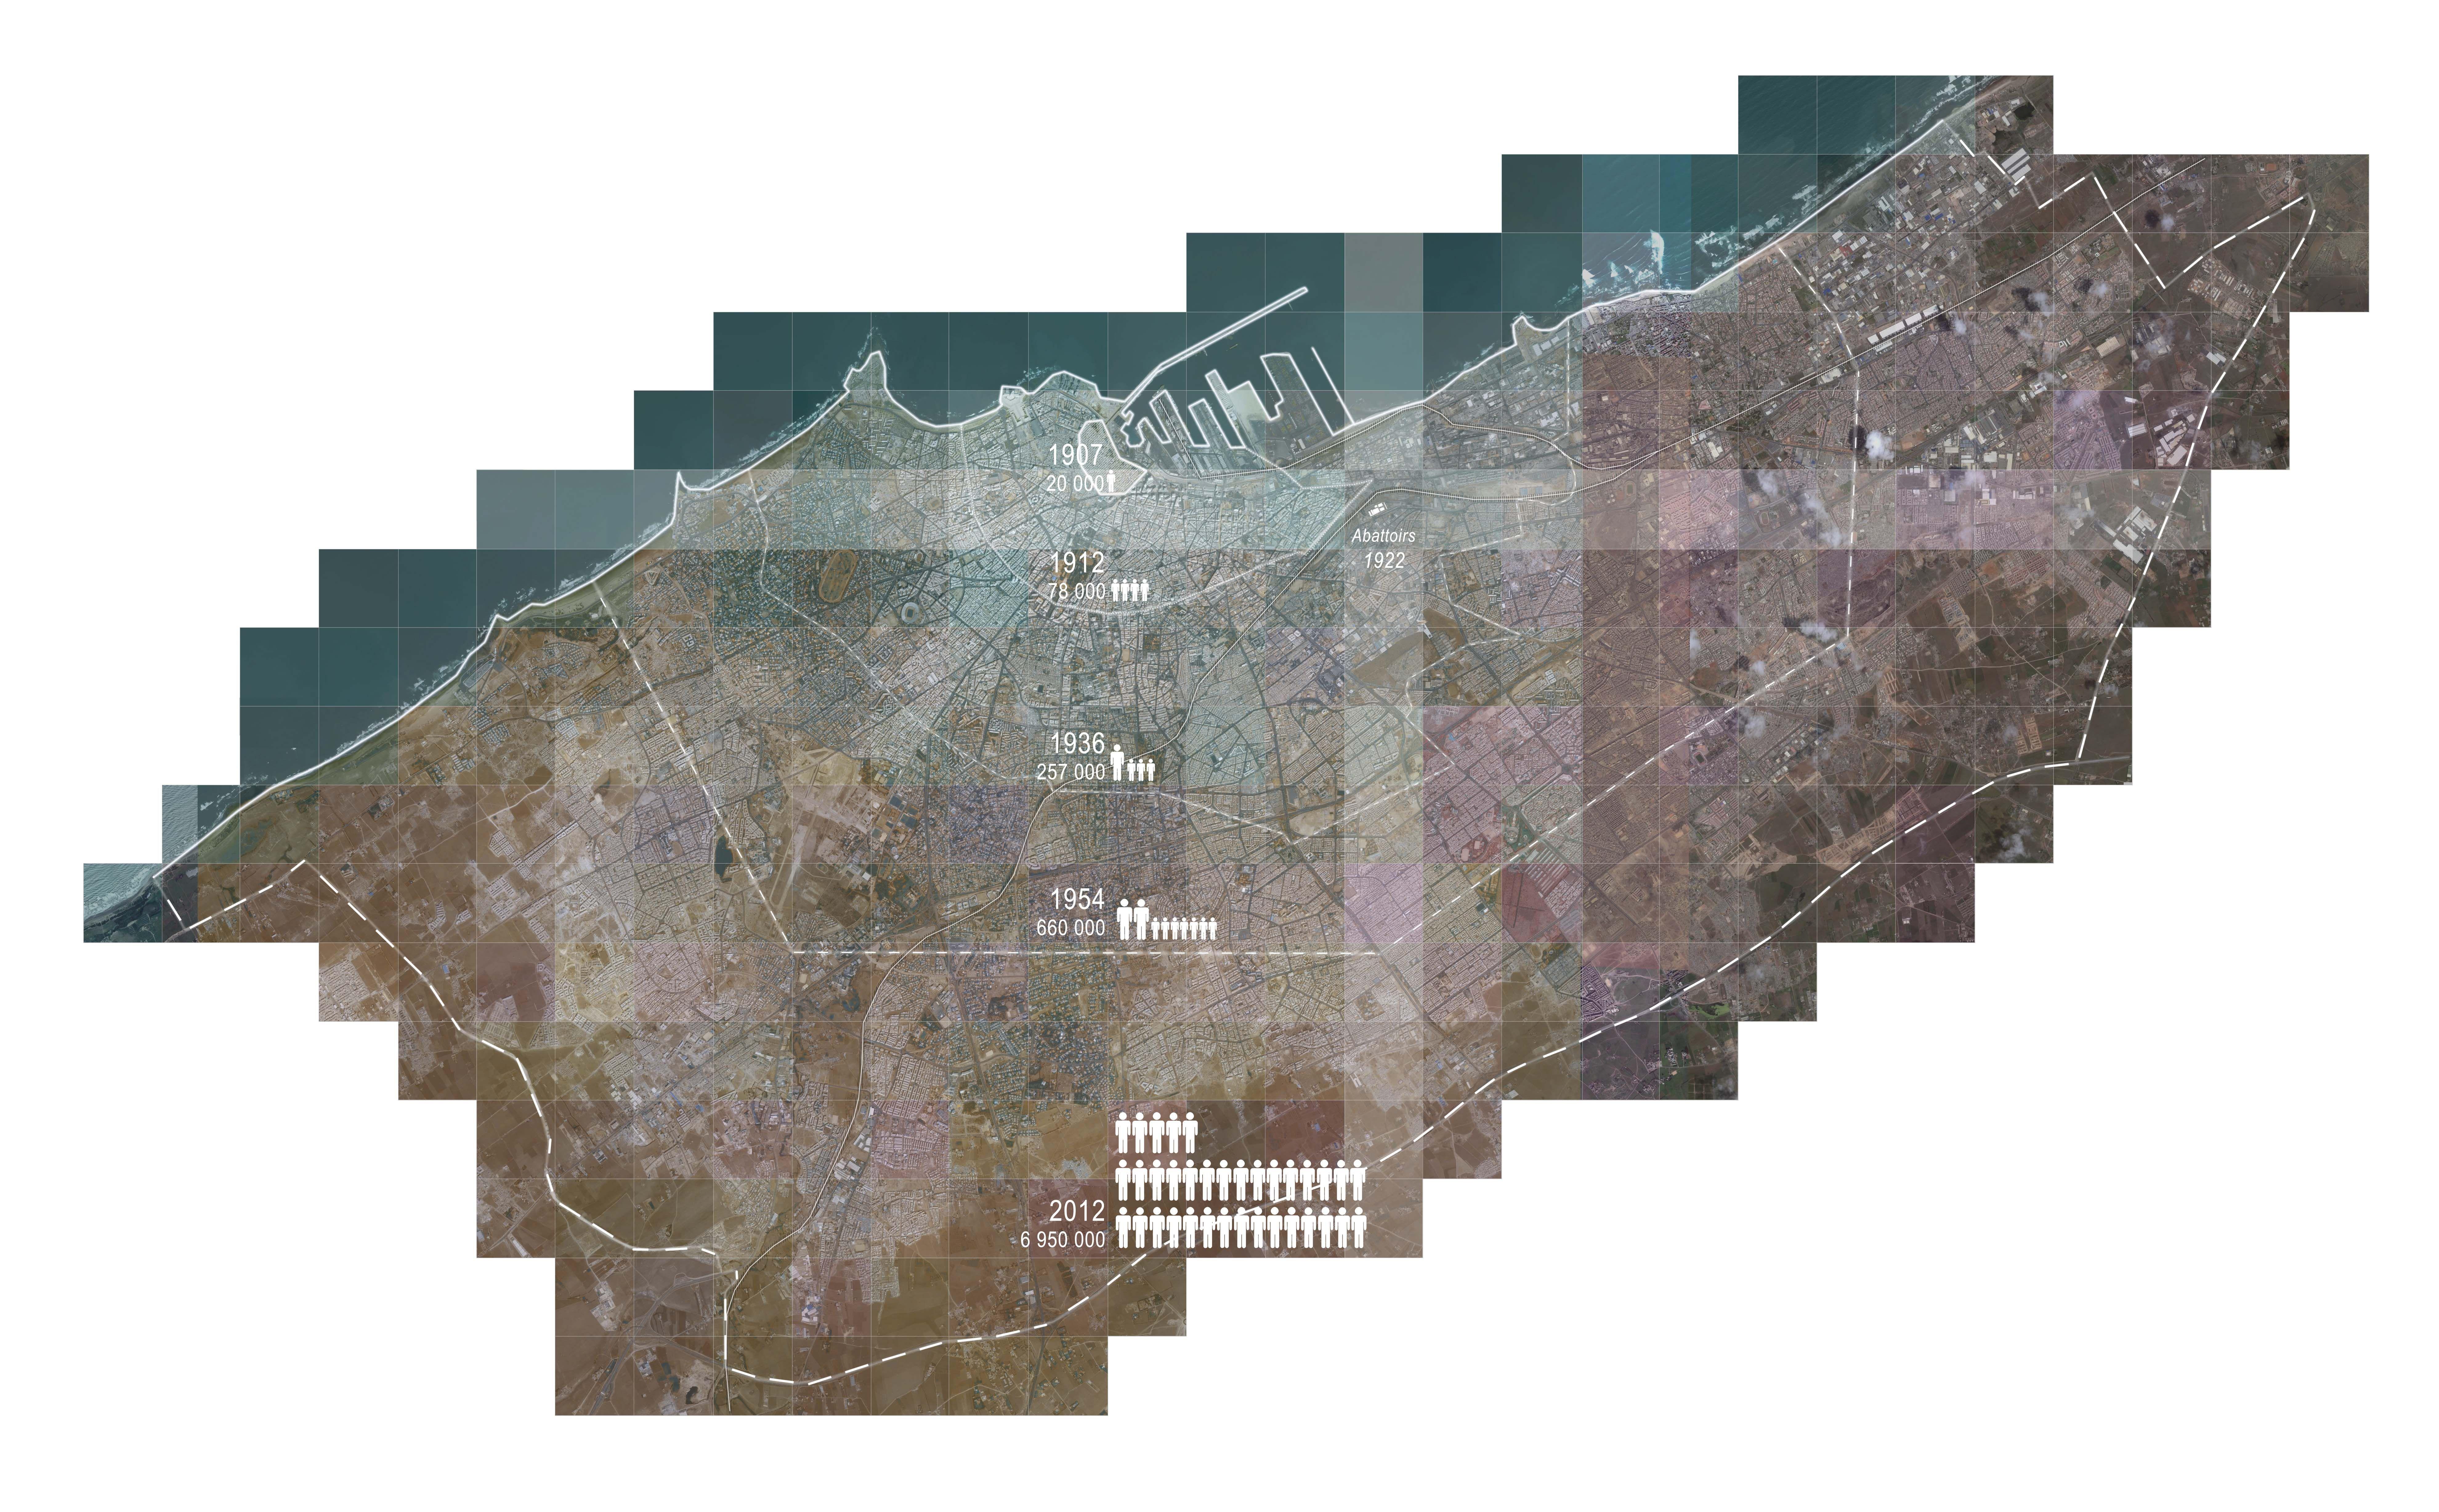 Crecimiento Casablanca